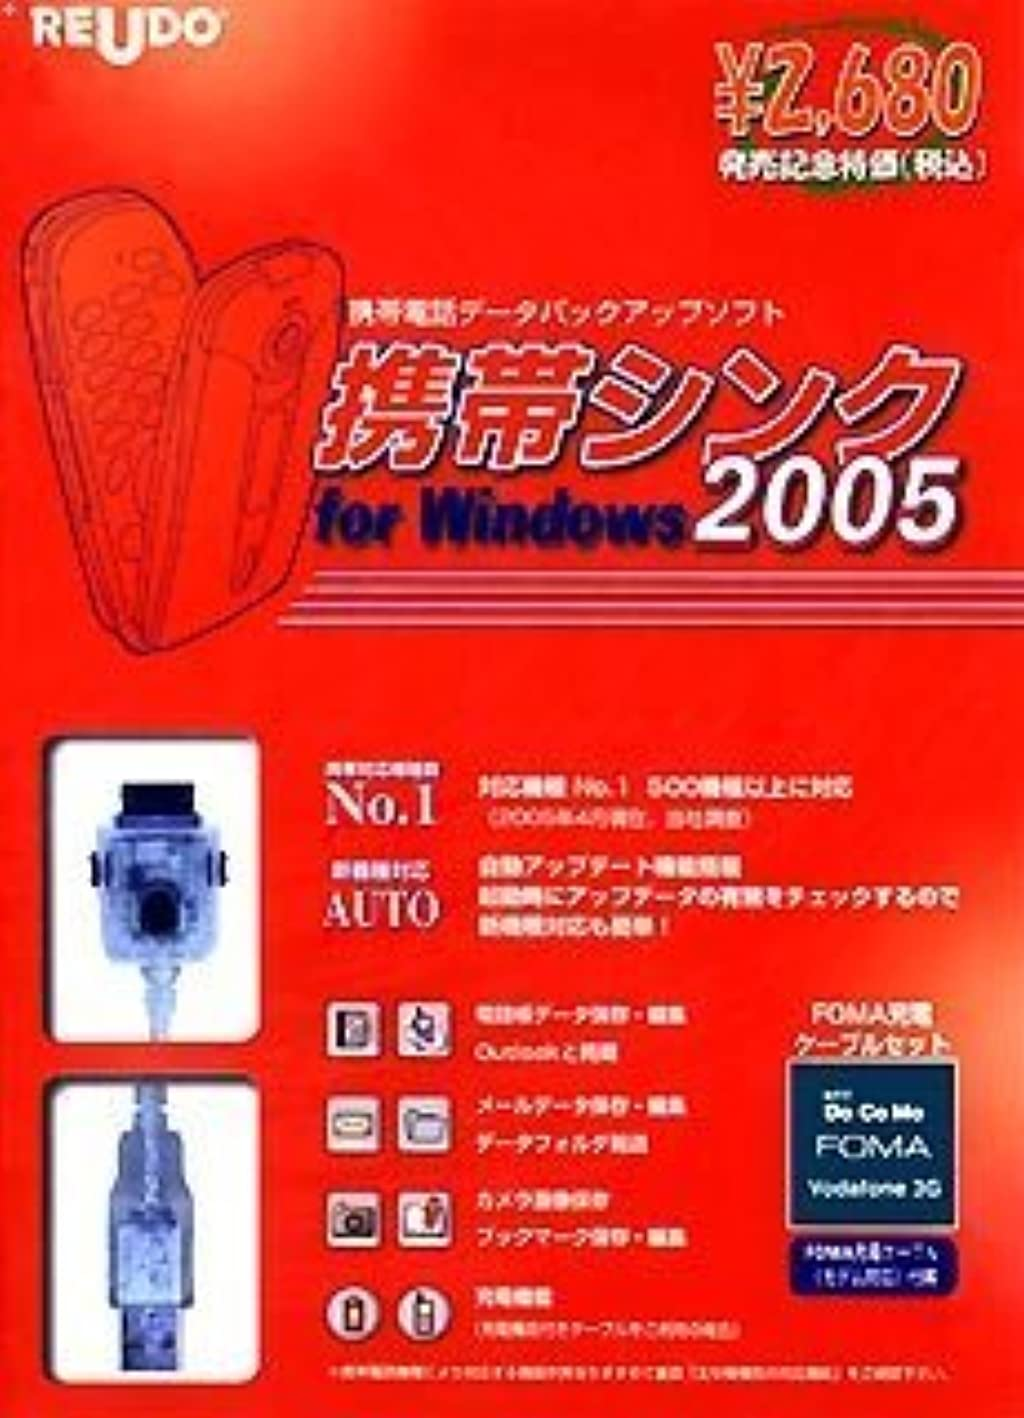 国勢調査上院オッズ携帯シンク for Windows 2005 FOMA充電ケーブルセット